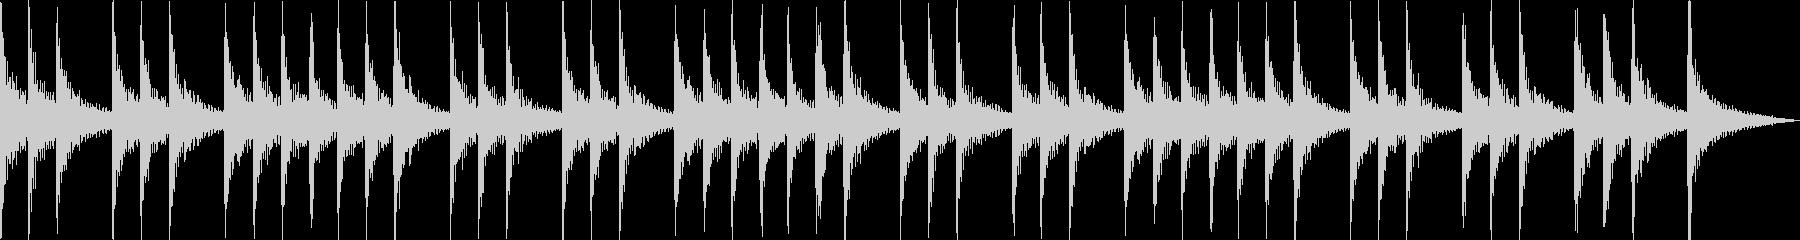 三三七拍子 太鼓と拍子木アンサンブルの未再生の波形